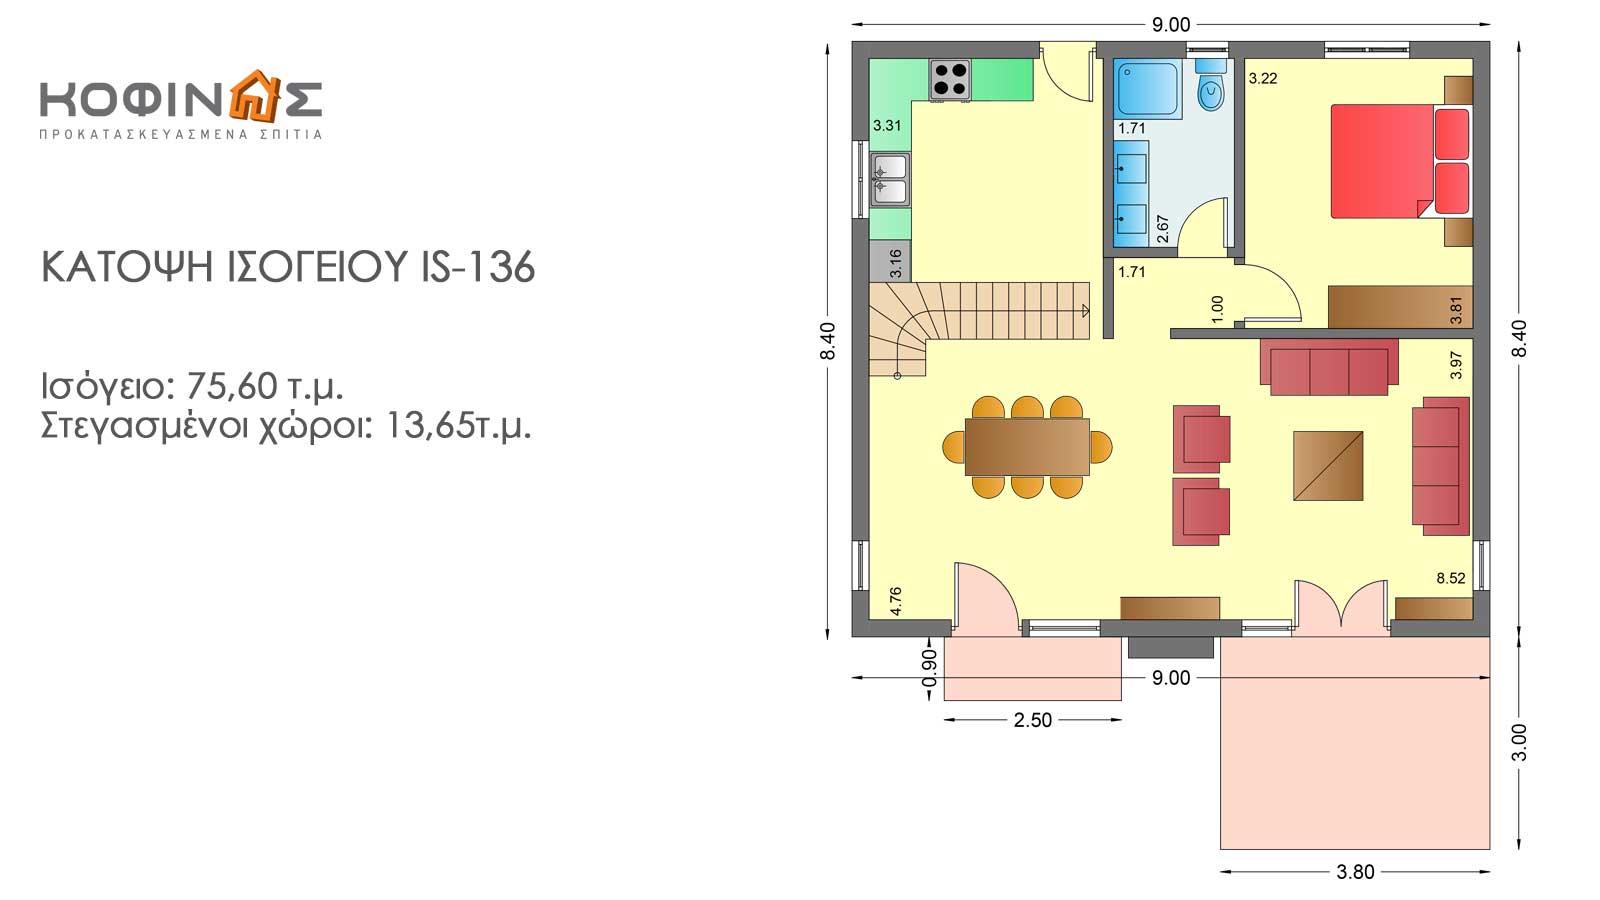 Ισόγεια Κατοικία με Σοφίτα IS-136, συνολικής επιφάνειας 136,89 τ.μ.